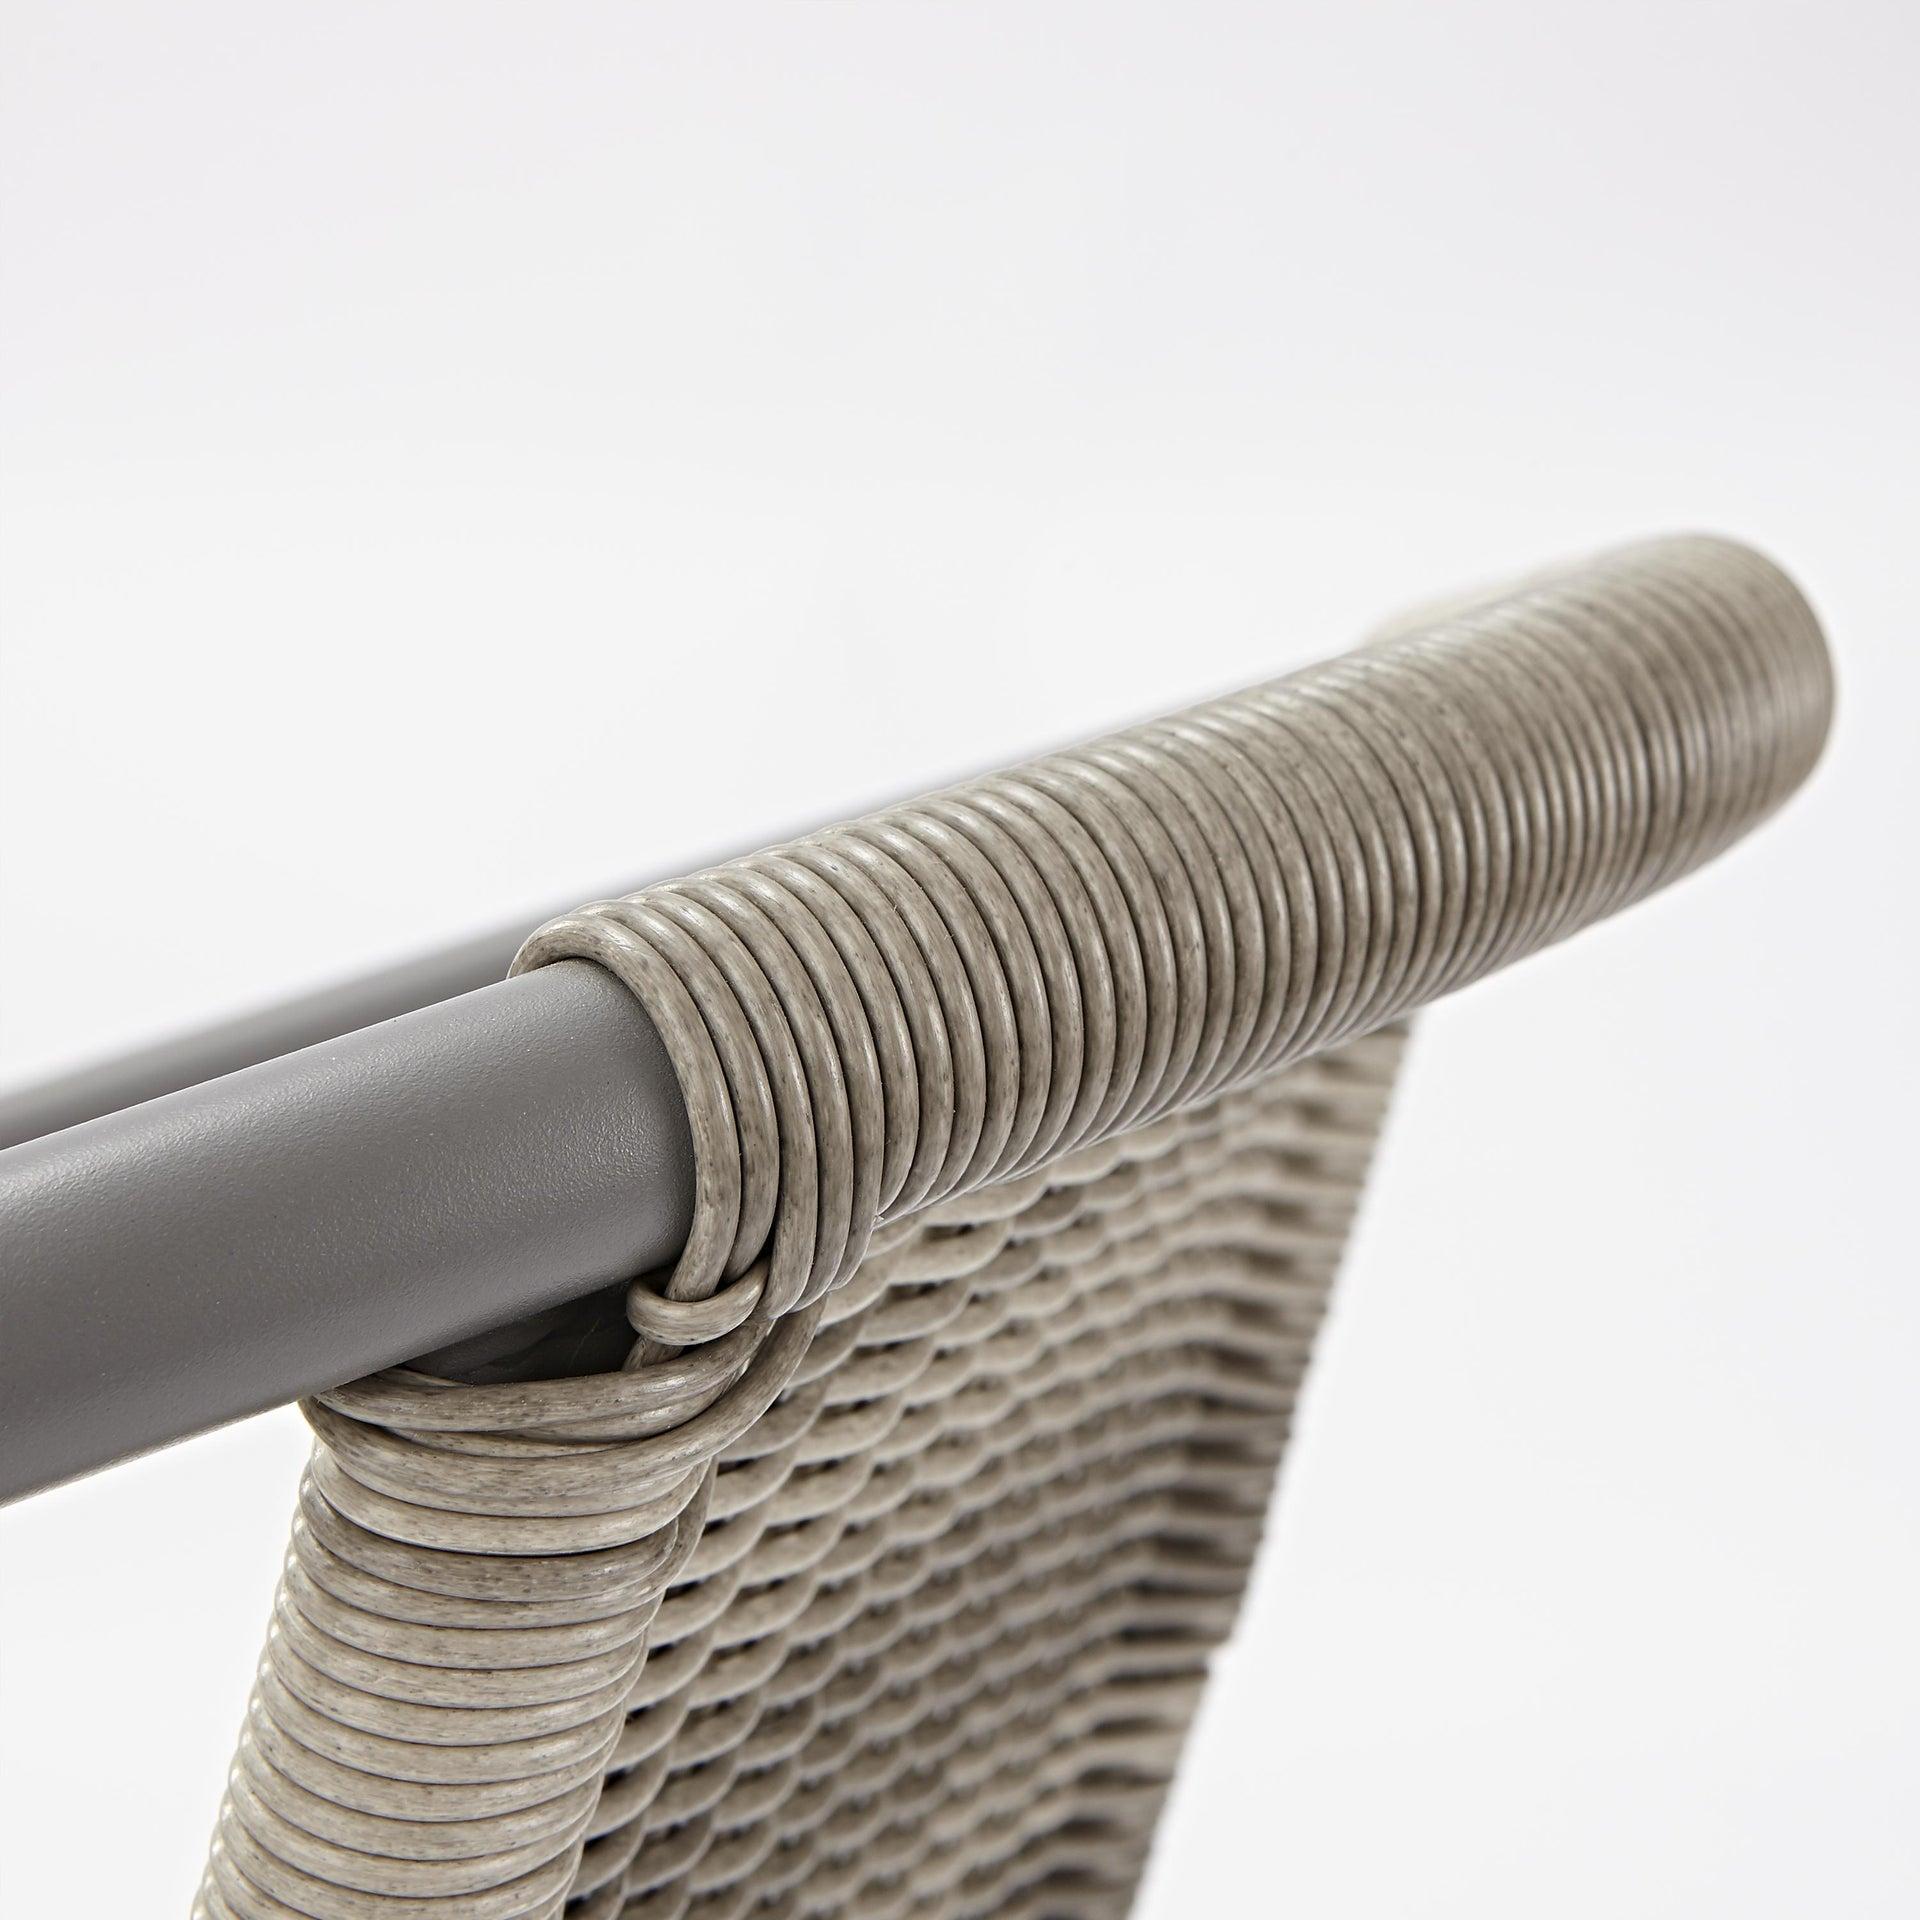 Sedia con braccioli senza cuscino in acciaio Elia colore beige - 2